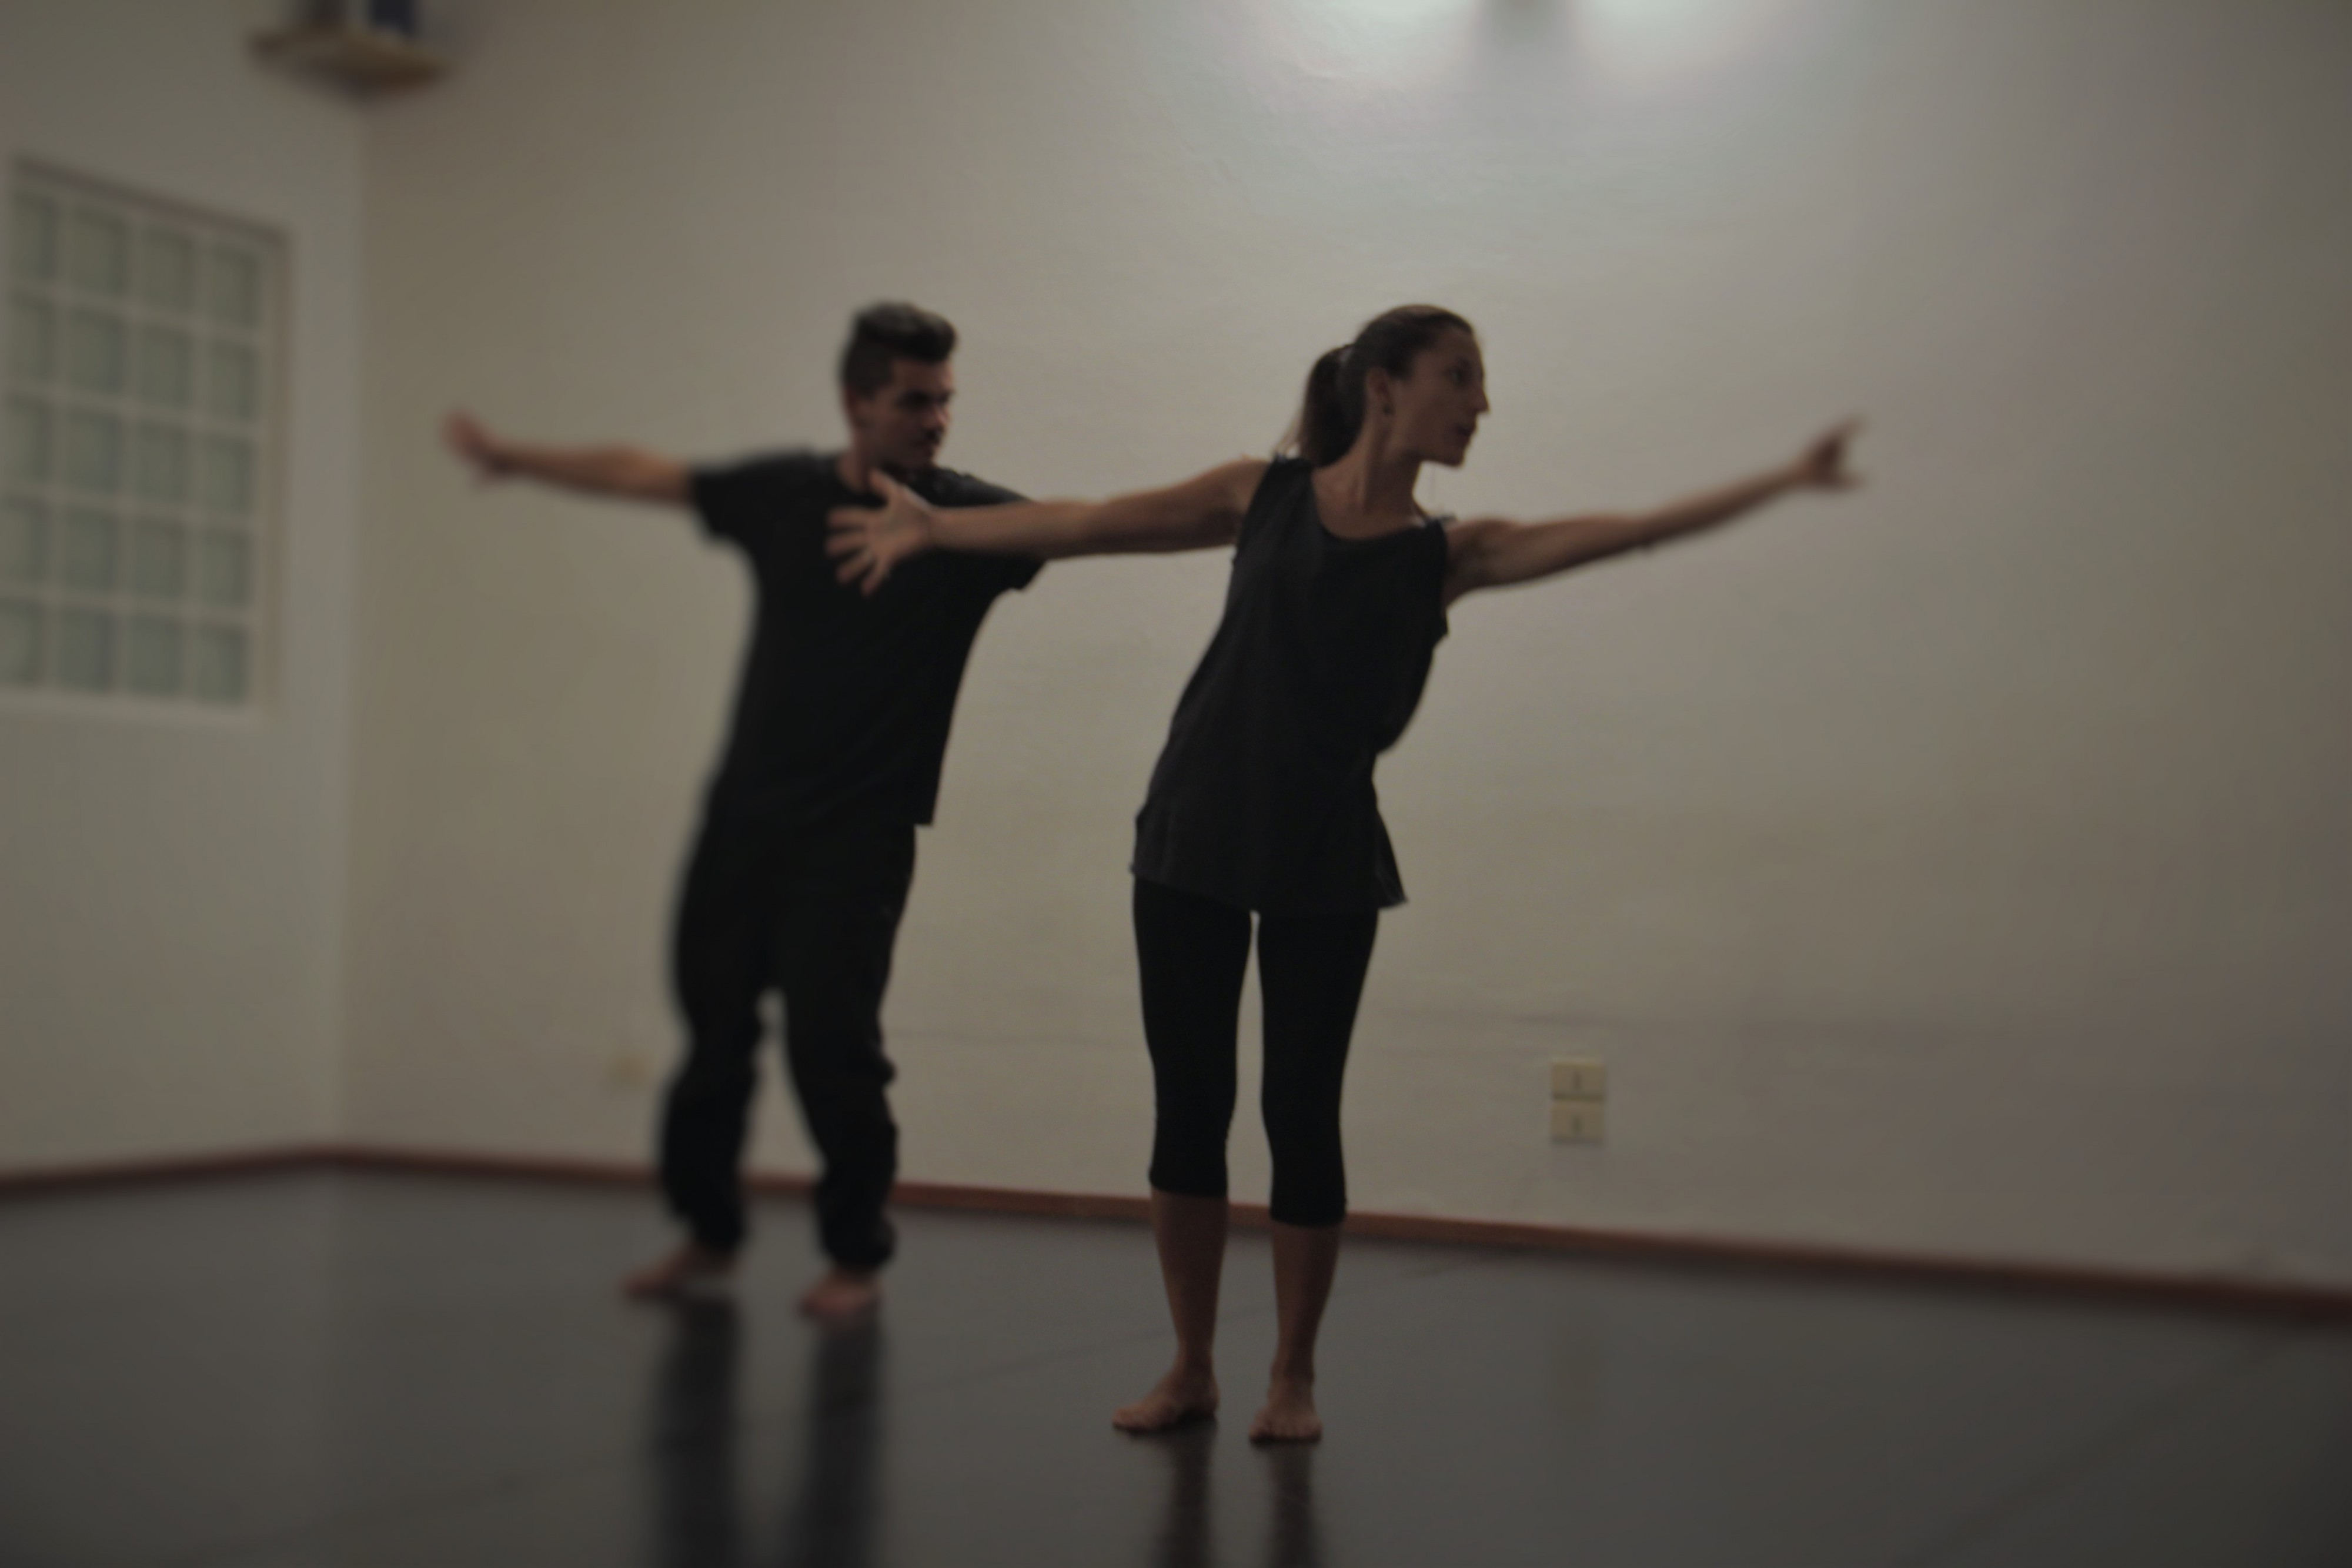 Corsi di Teatro Danza per principianti - Dedalo Teatro Milano